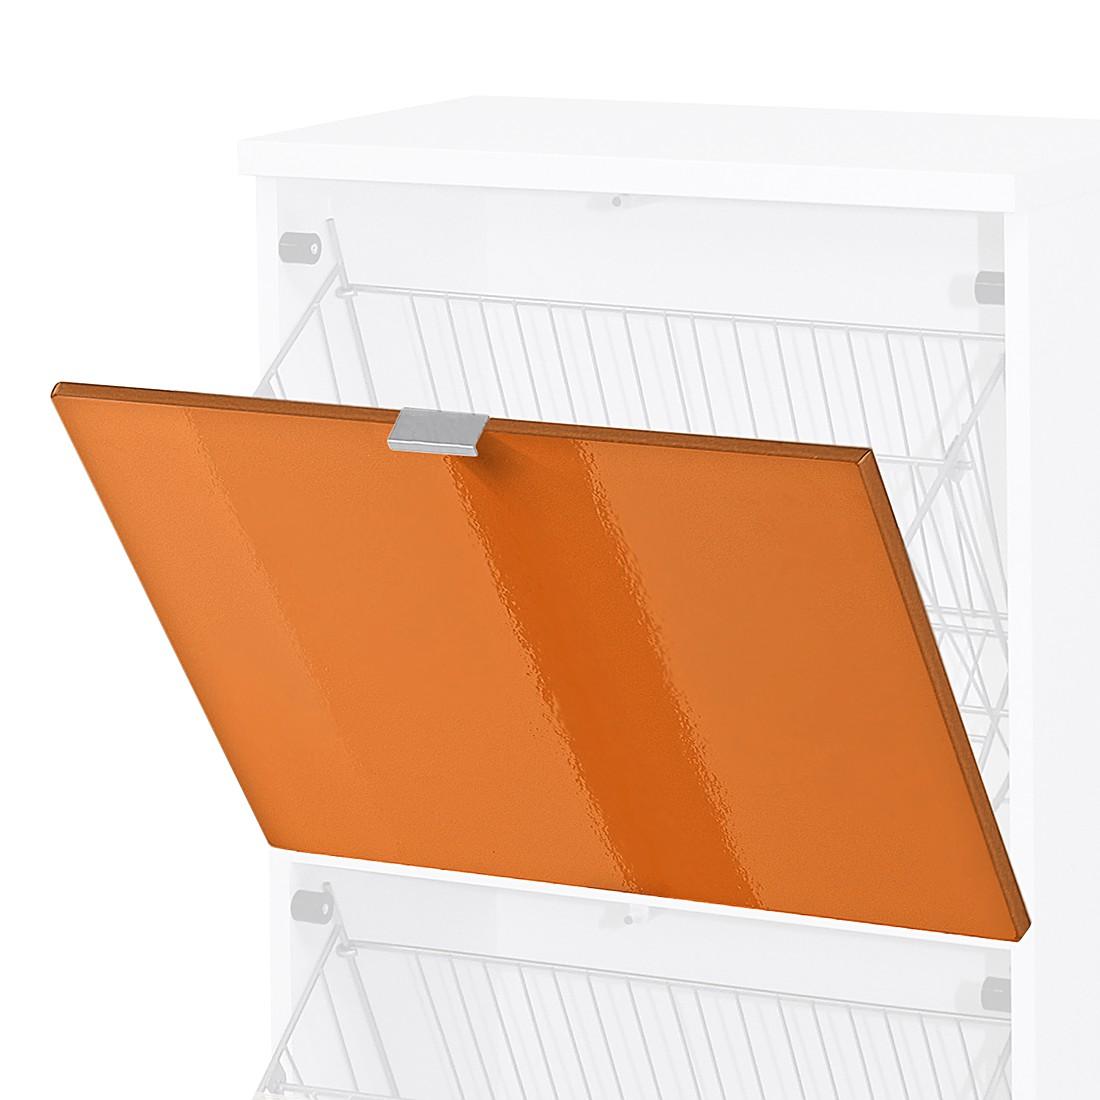 Klappe Colorado – Hochglanz Orange, Top Square online kaufen